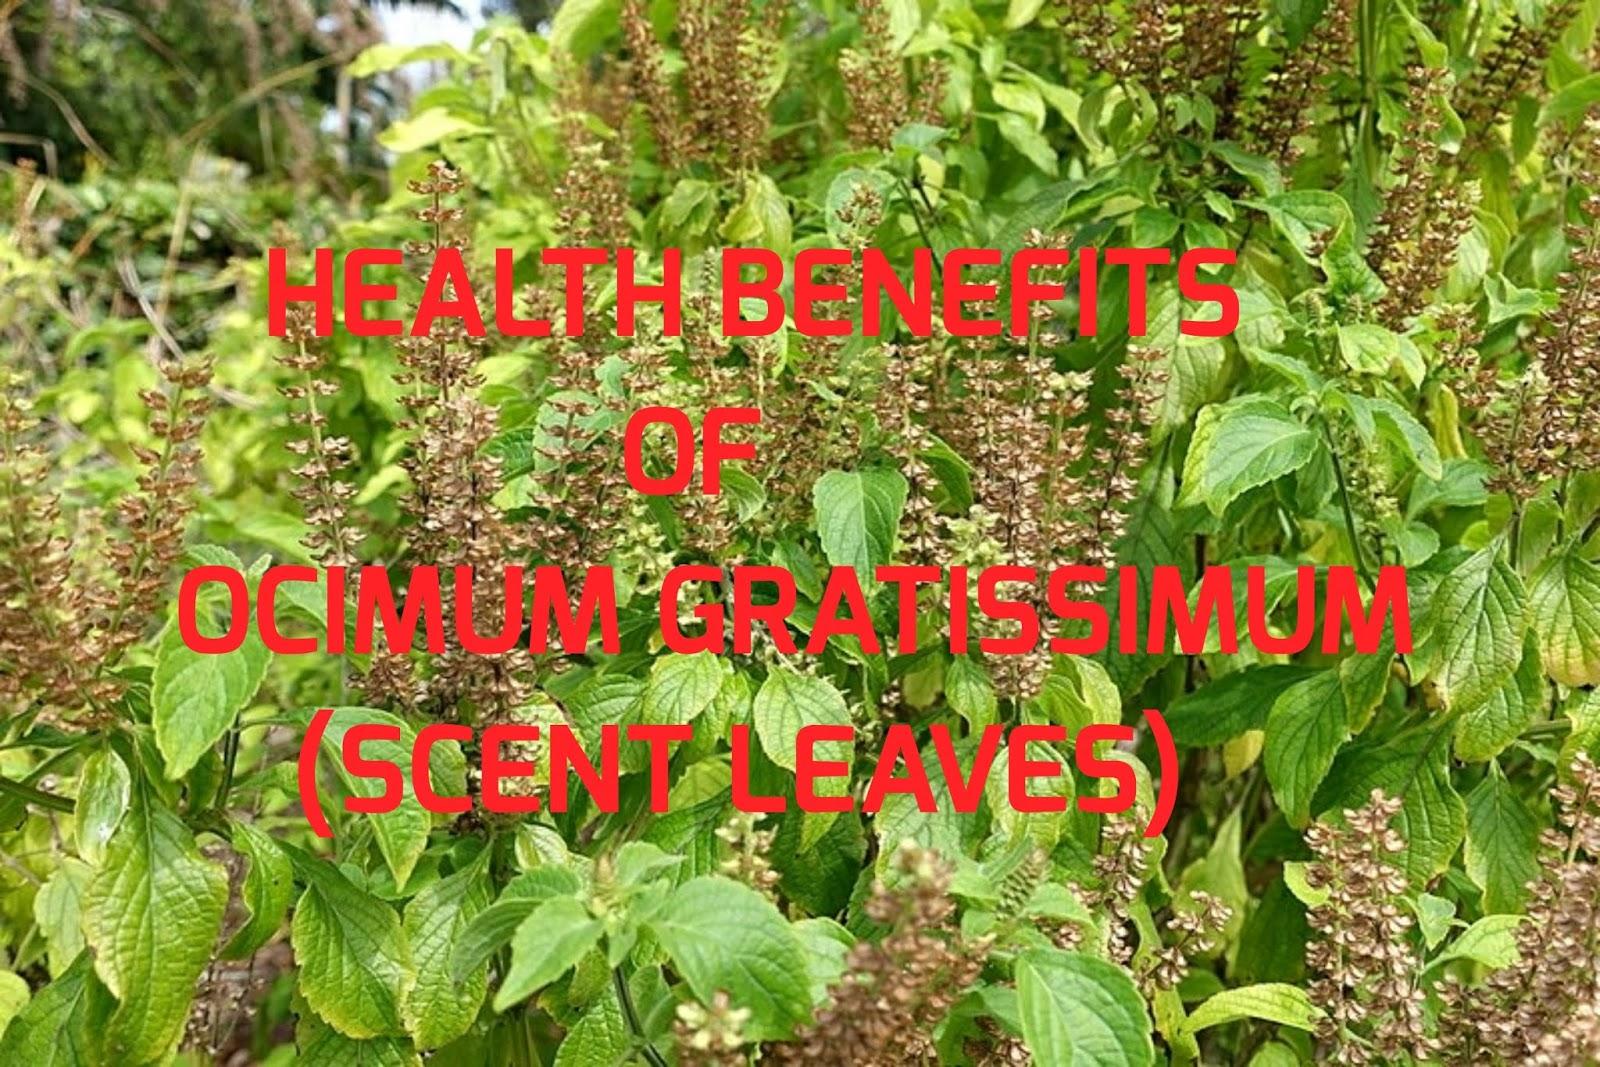 7 health benefits of Scent leaves (Ocimum Gratissimum)